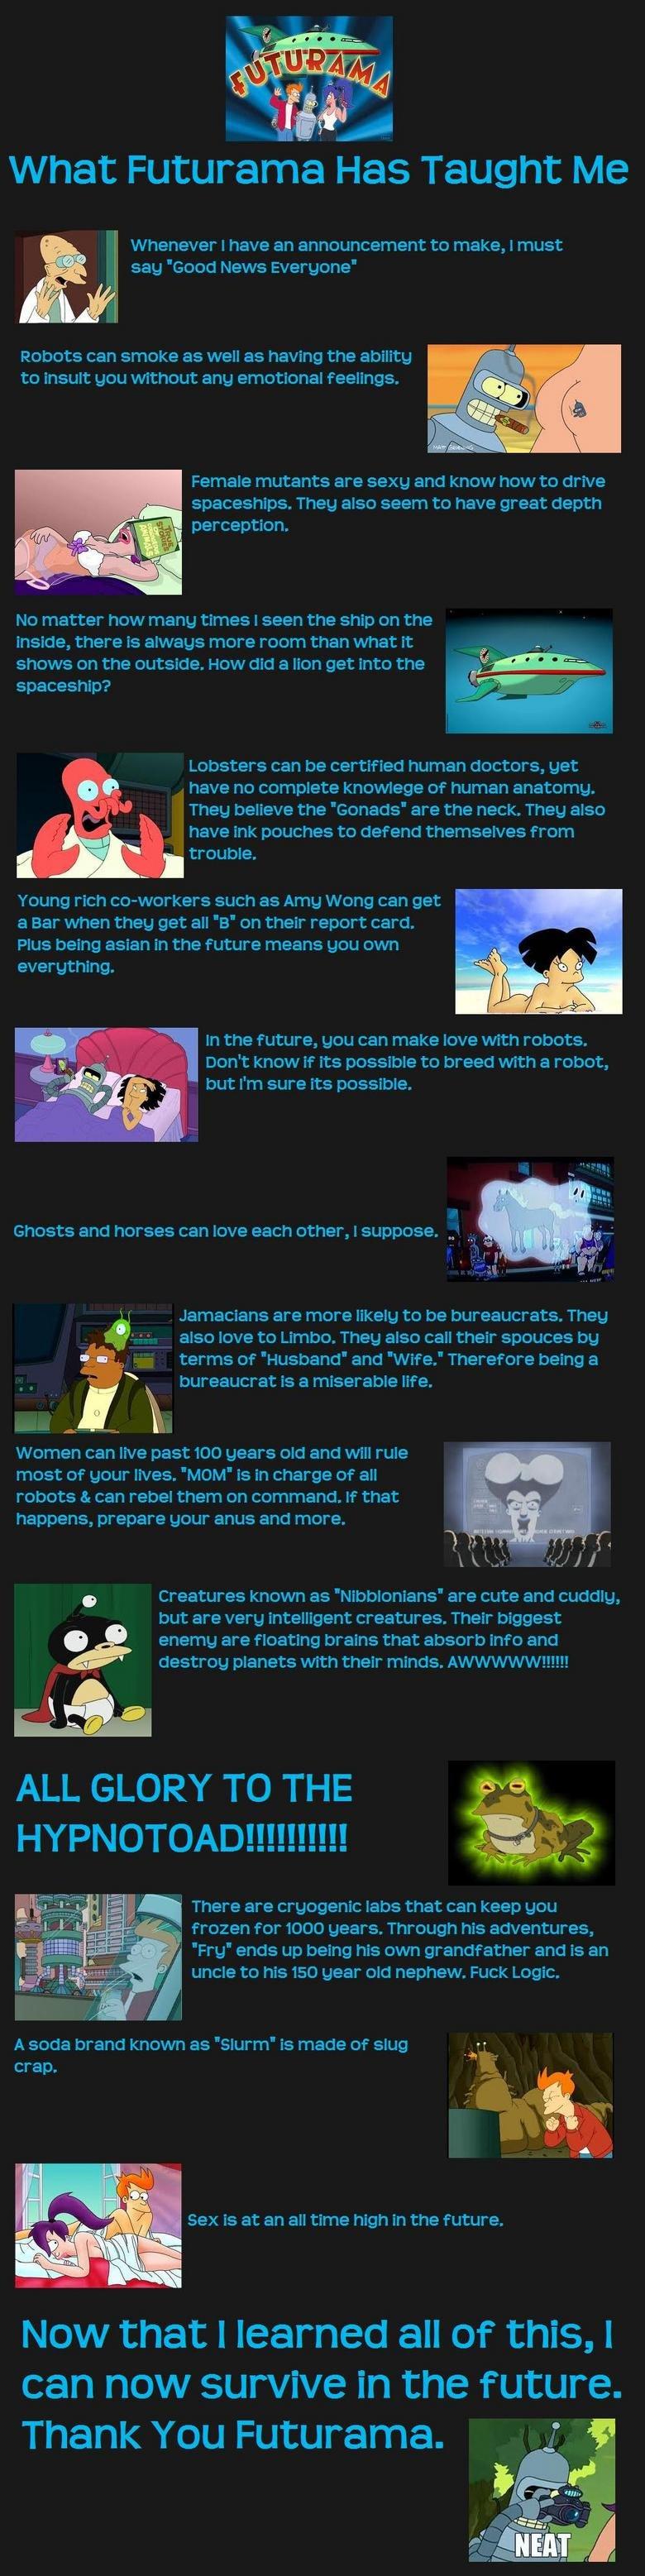 Futurama mom rule 34 softcore clips